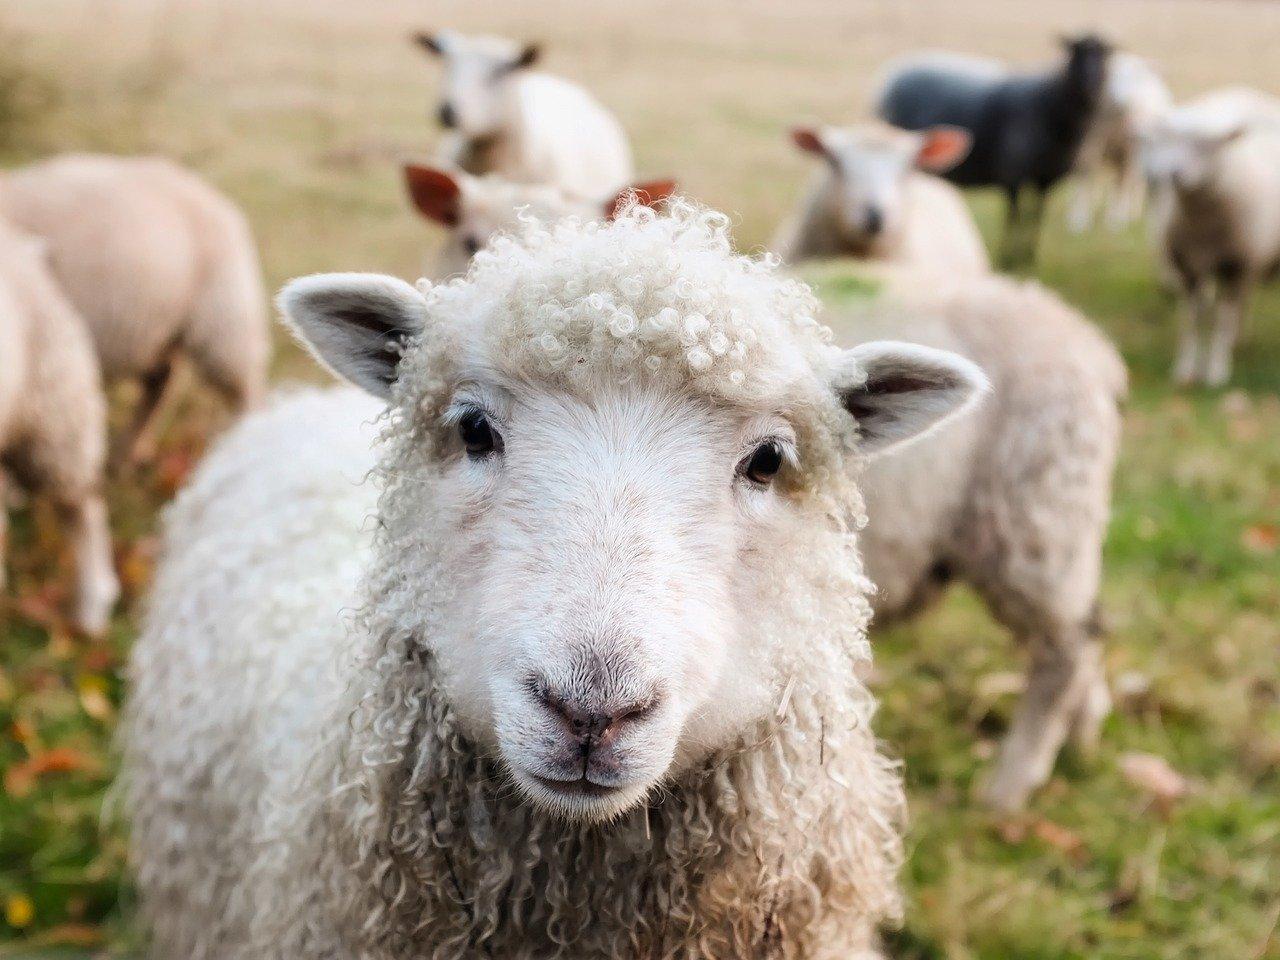 Kmetijsko gospodarstvo – kmetij je v Sloveniji čedalje manj